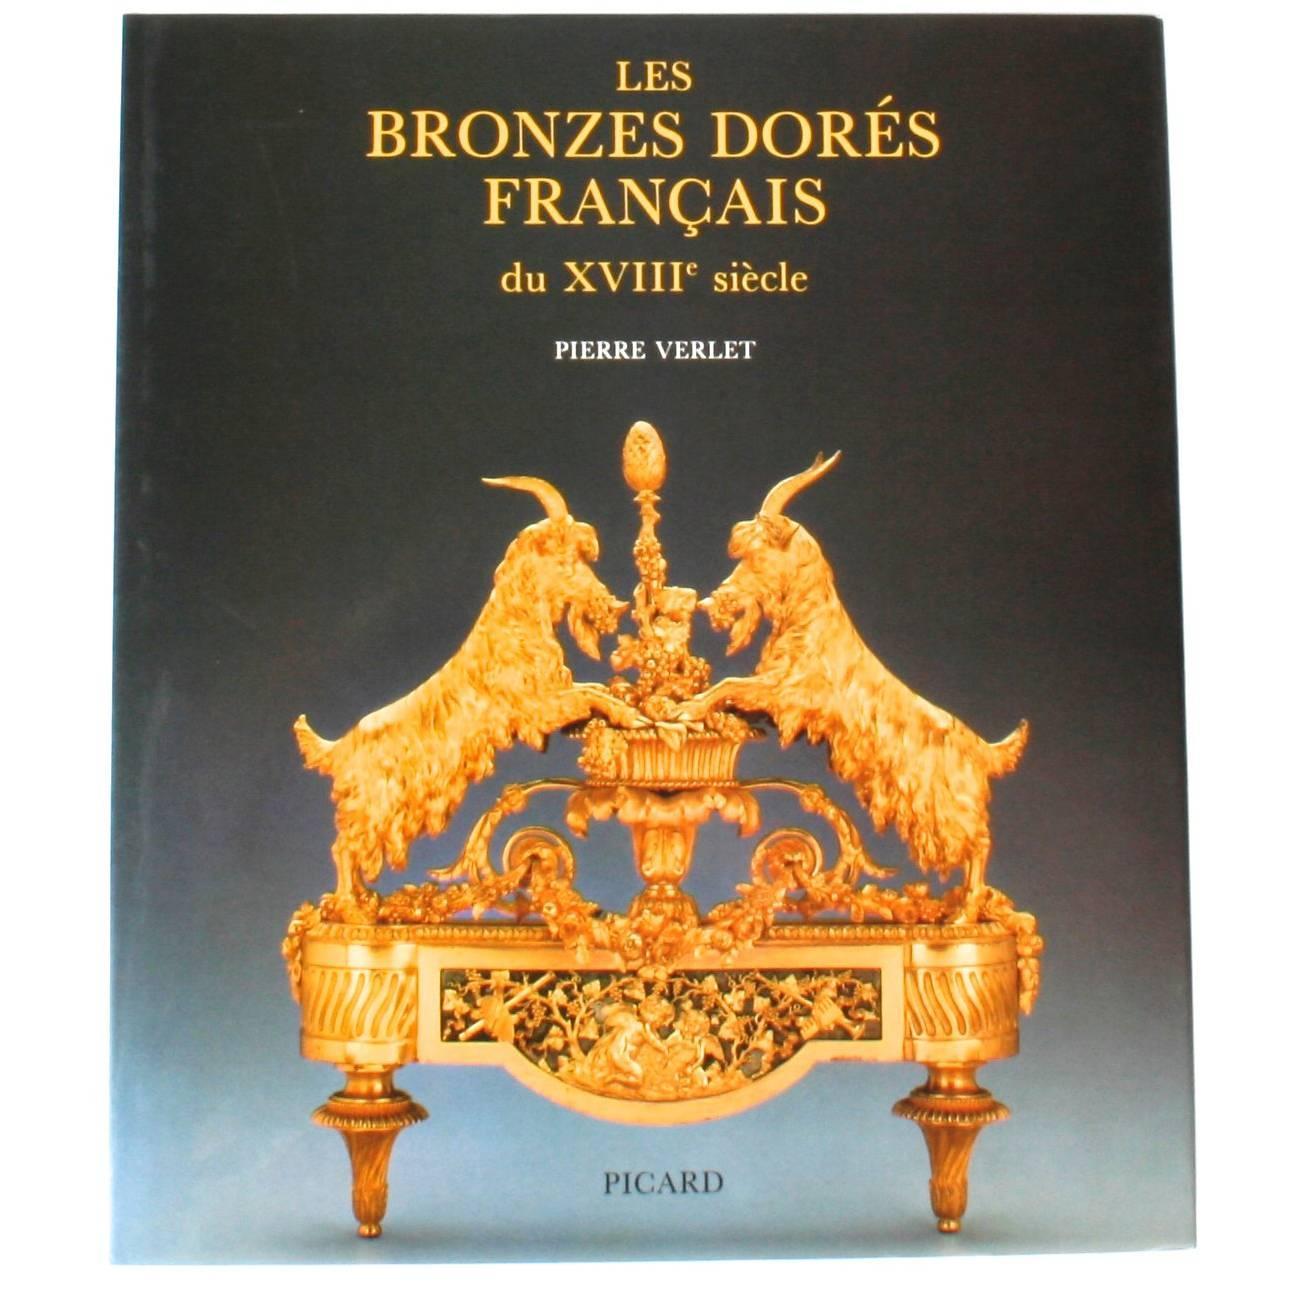 Les Bronzes Dores Francais du Xviii Siecle by Pierre Verlet